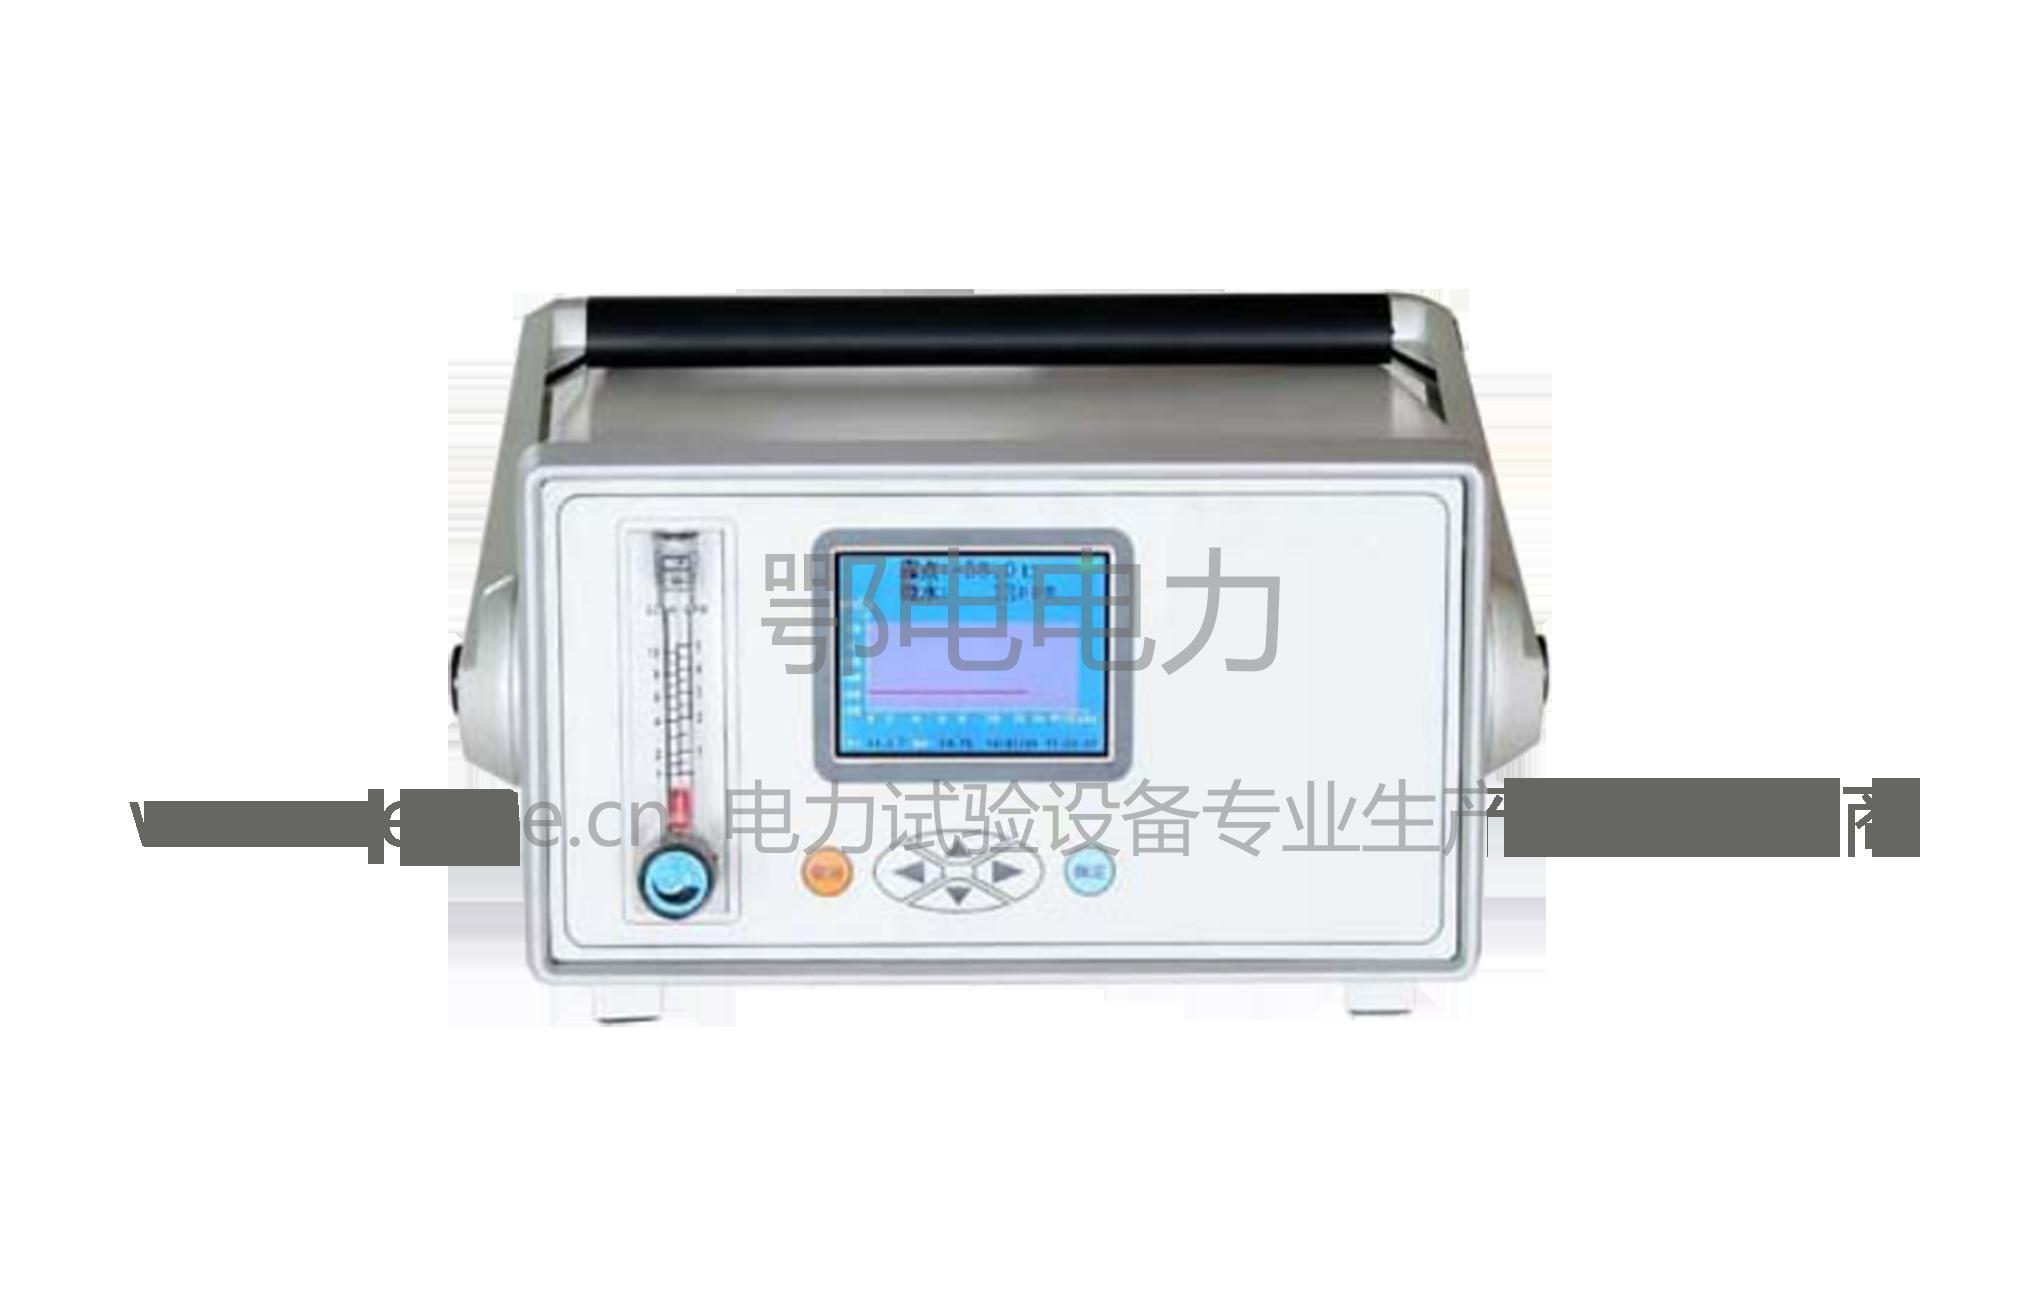 接地电阻季节系数_品质保证其他专用仪器仪表-武汉鄂电电力试验设备有限公司